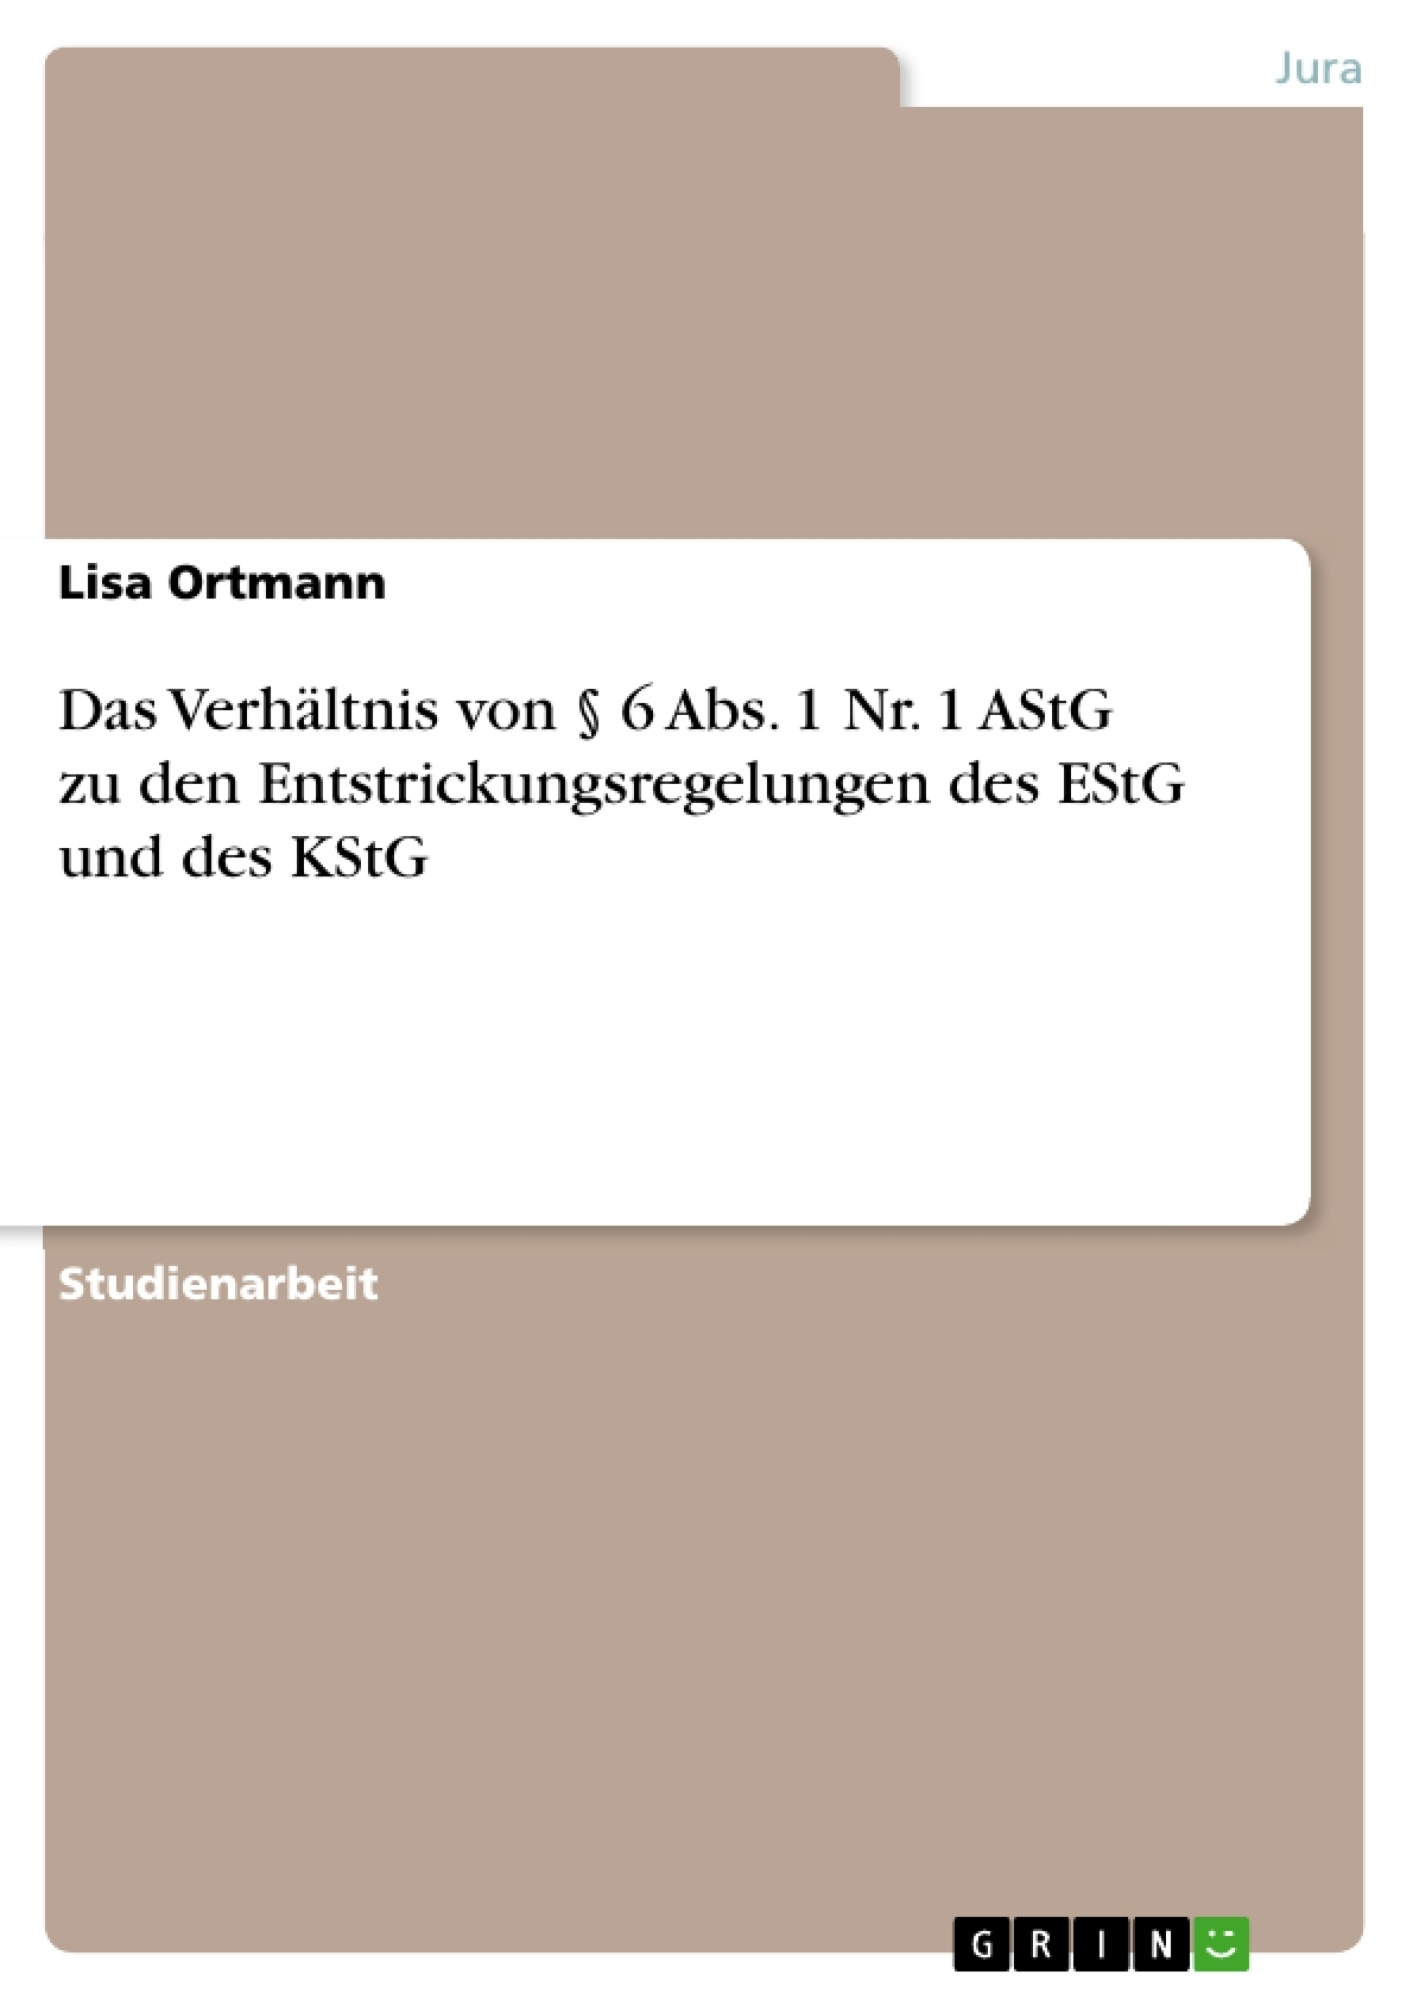 Titel: Das Verhältnis von § 6 Abs. 1 Nr. 1 AStG zu den Entstrickungsregelungen des EStG und des KStG